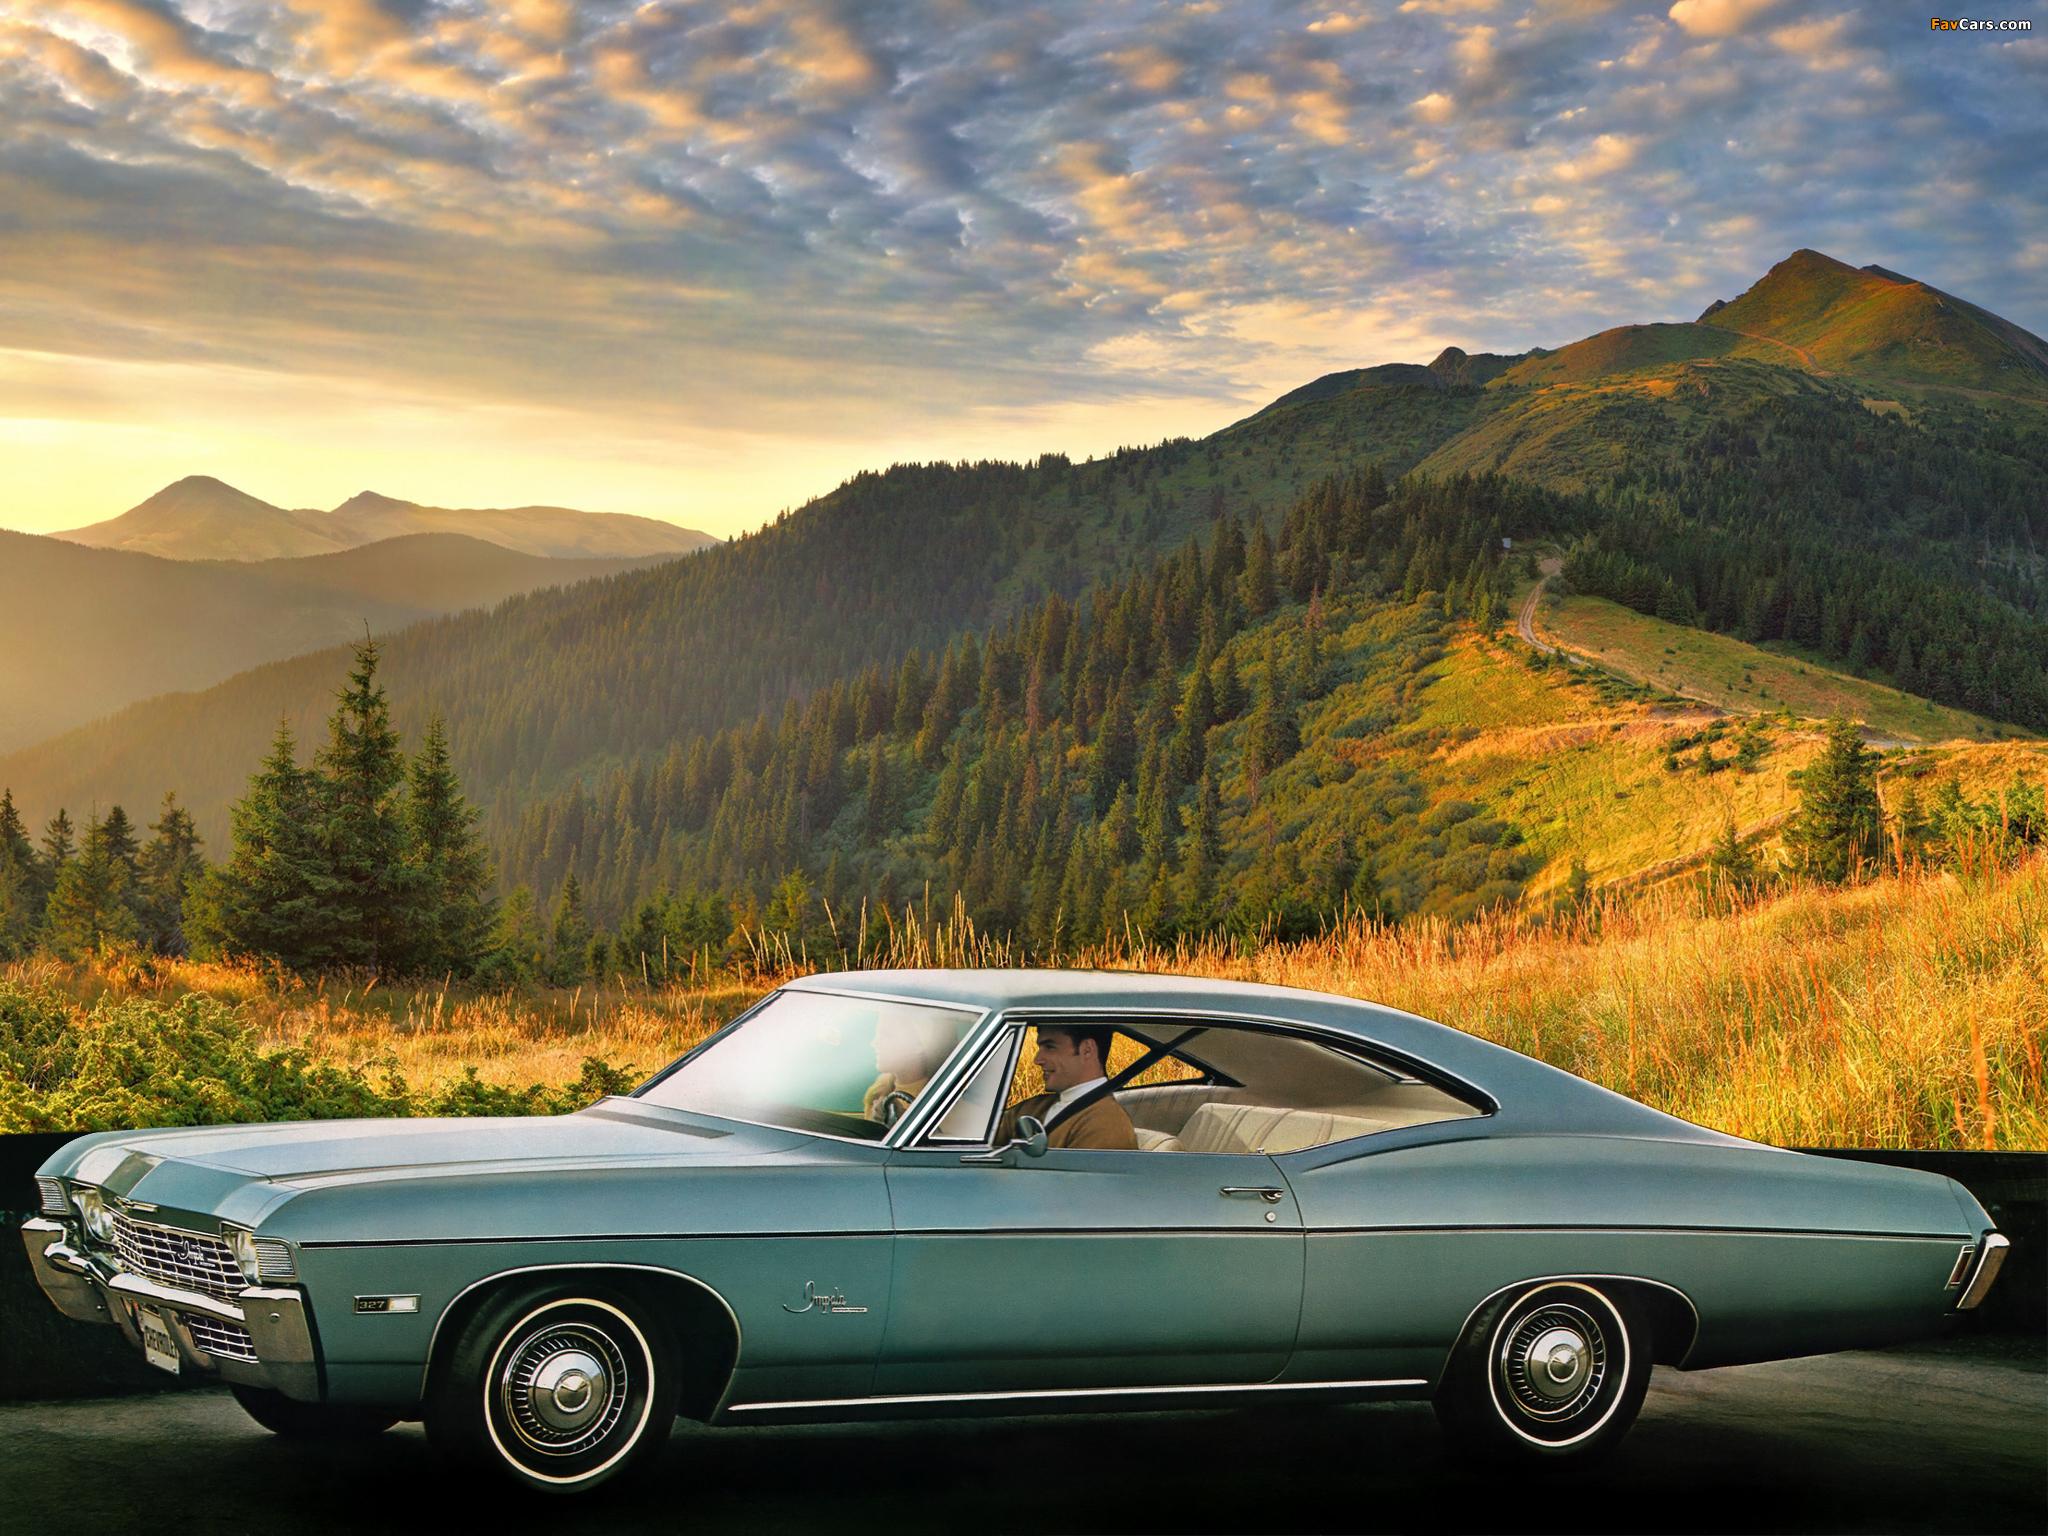 Kekurangan Impala 68 Tangguh